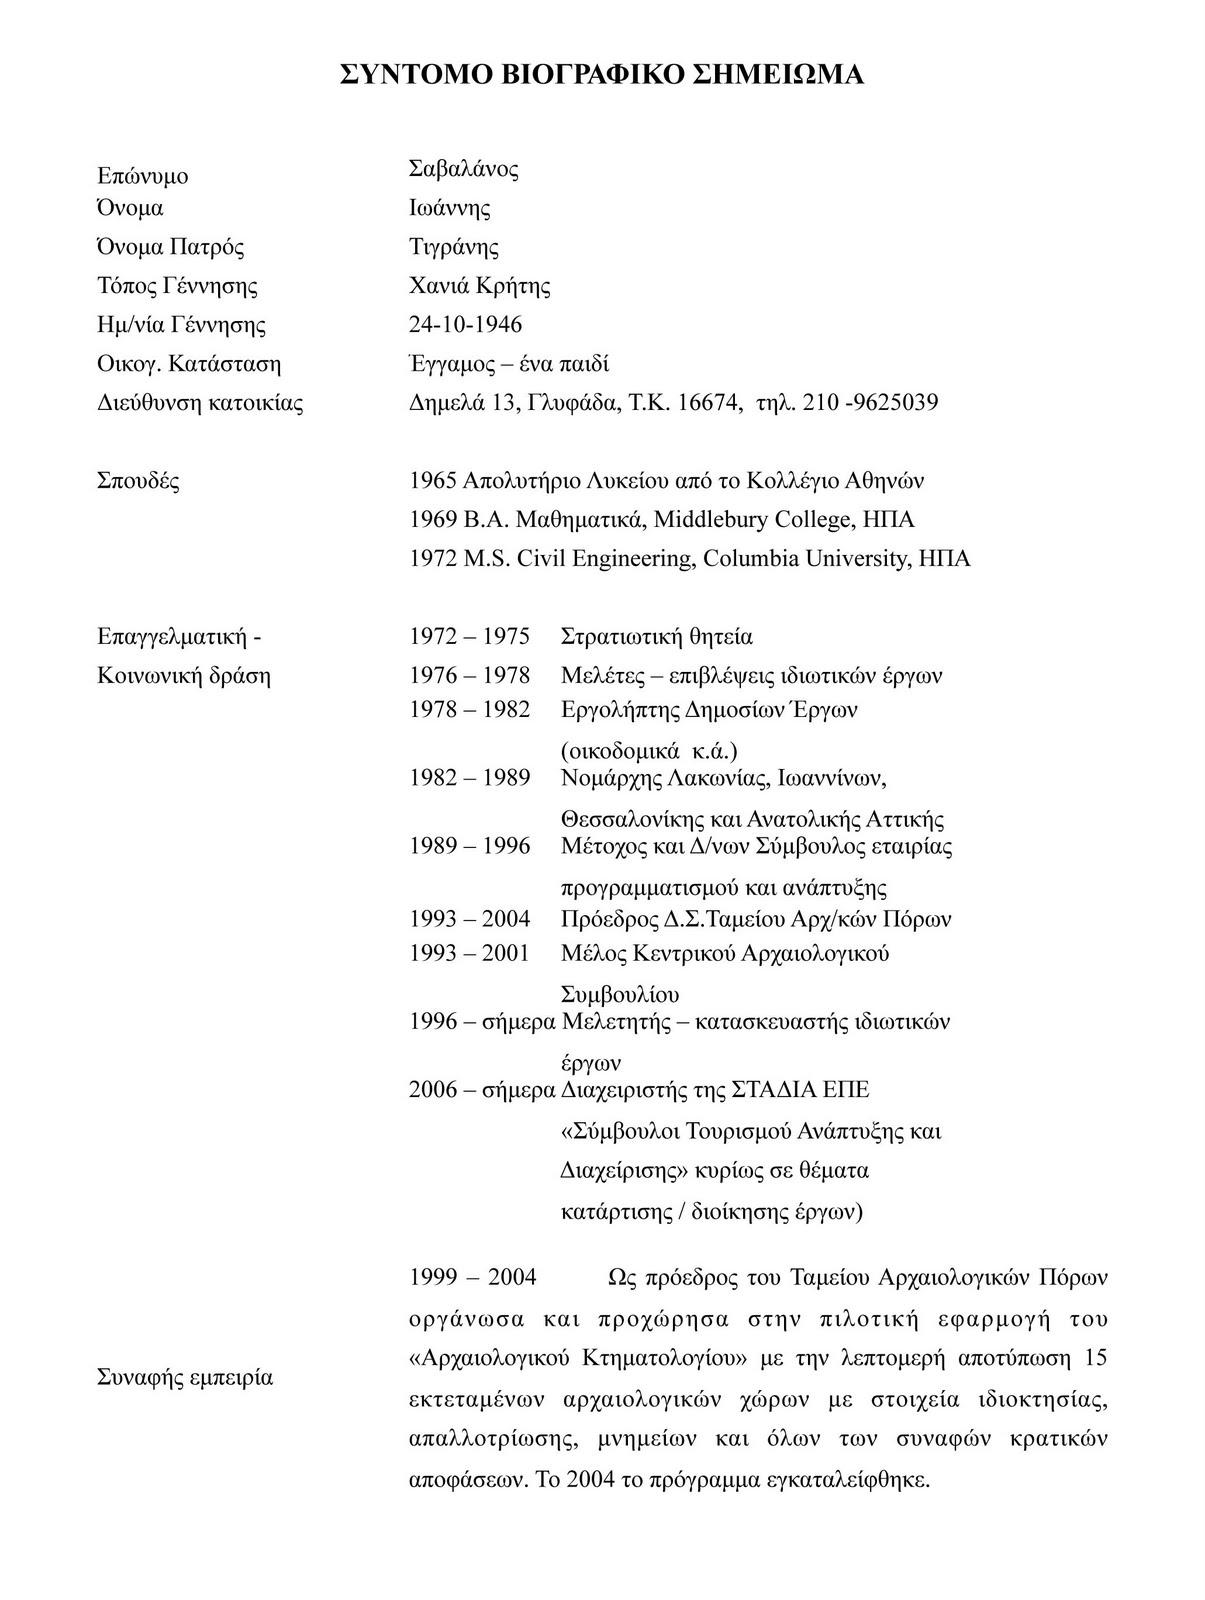 ΒΙΟΓΡΑΦΙΚΟ ΣΗΜΕΙΩΜΑ Επίθετο Χατζηλιάδης Όνοµα Αναστάσιος Πατρώνυµο Στέφανος  ΠΡΟΤΥΠΟ ΓΕΙΑ ΣΑΣ γιάννης κορωναίος 5c84460c78e